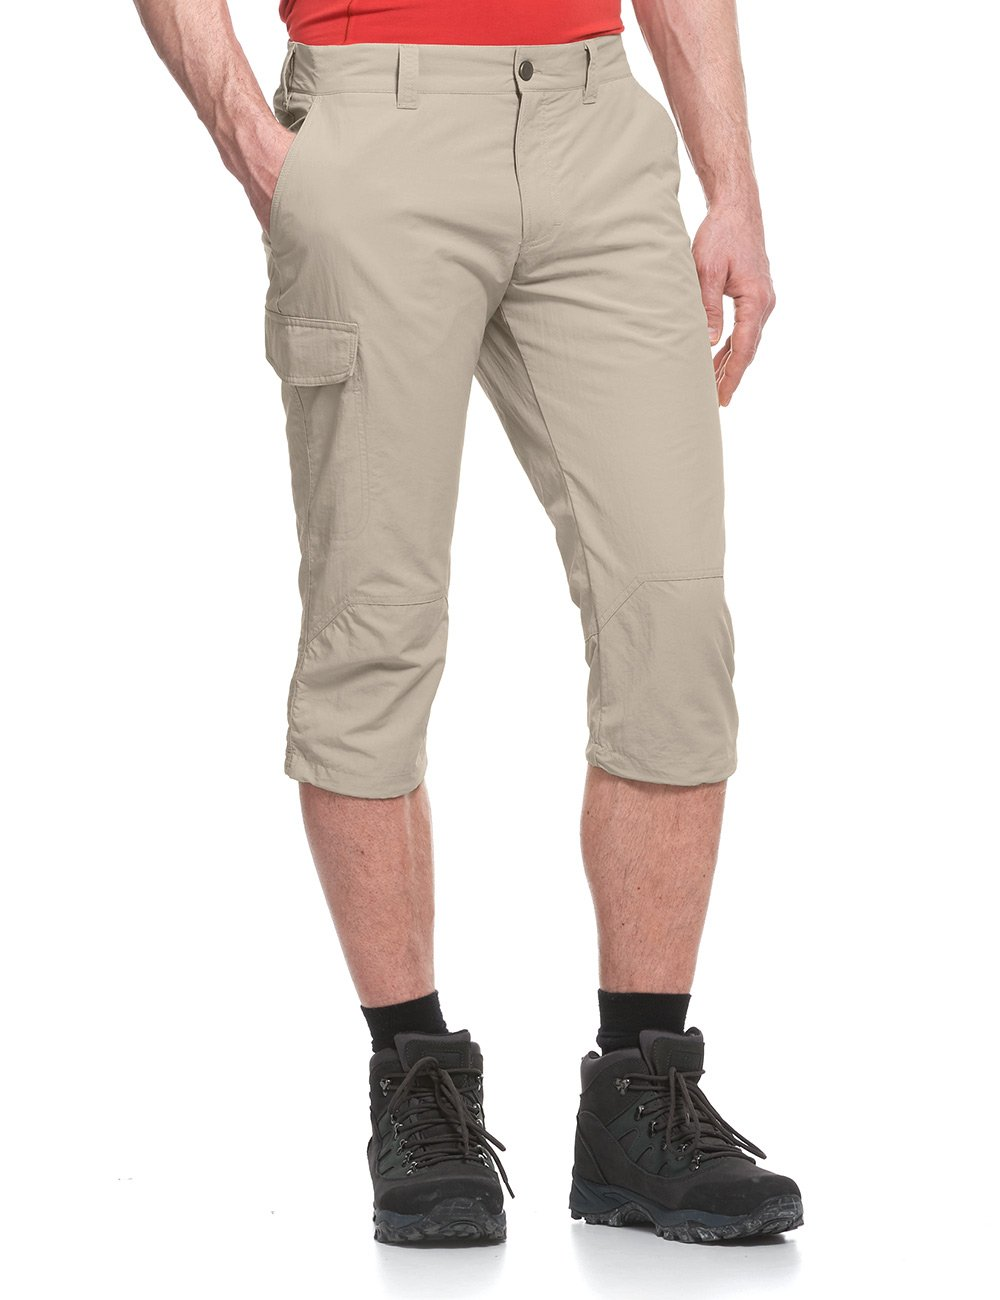 Maier Sports Pantalon 3/4 pour Homme Jens